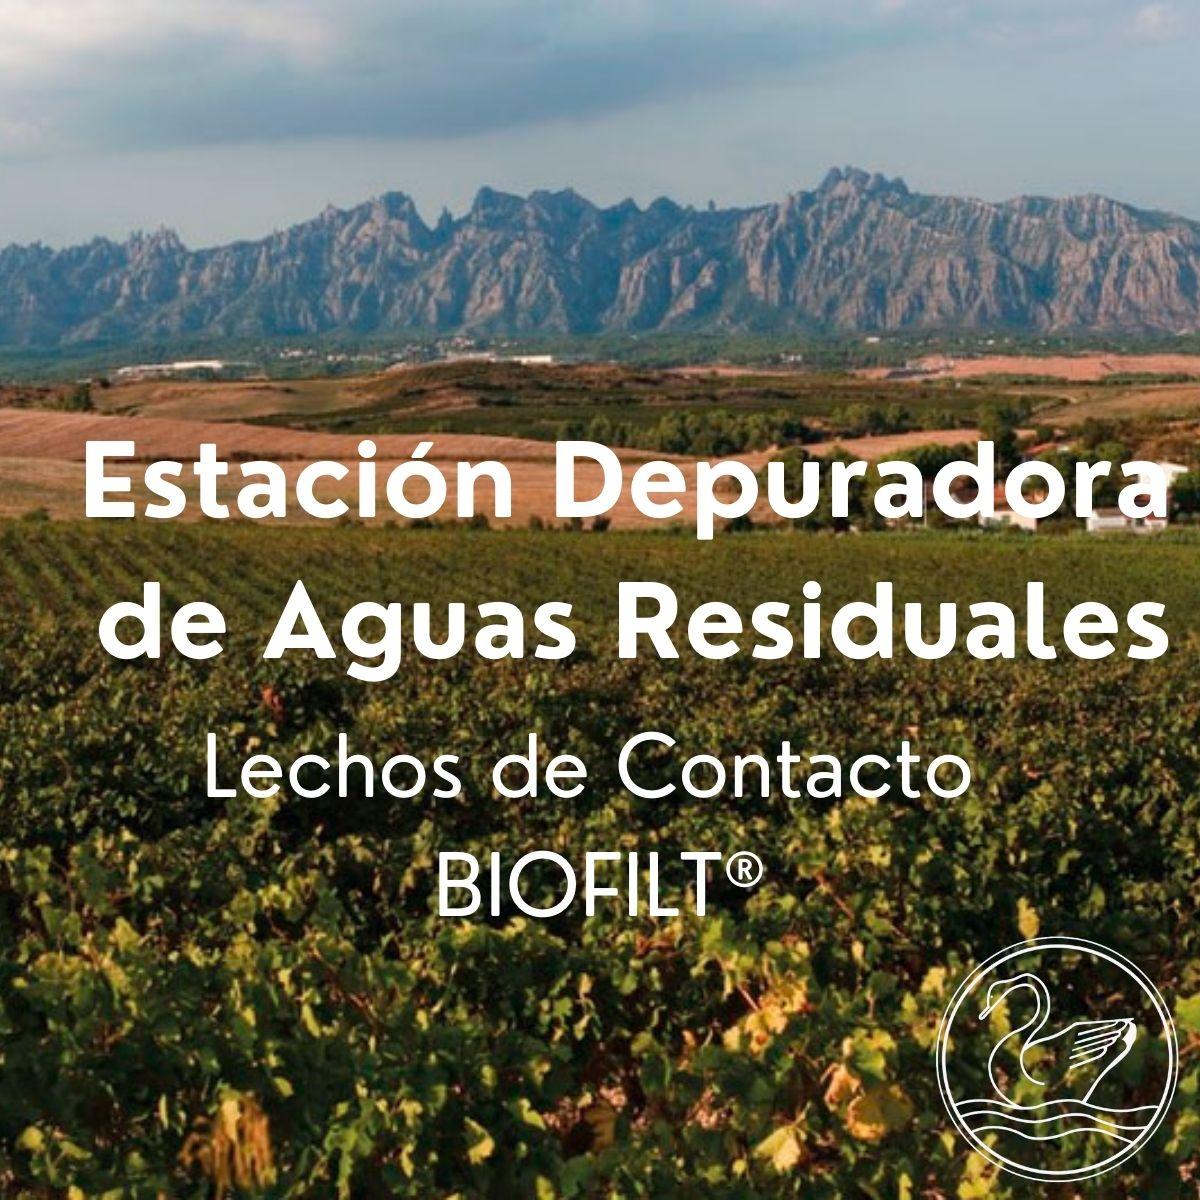 Estación Depuradora de Aguas Residuales - Lechos de contacto BIOFILT